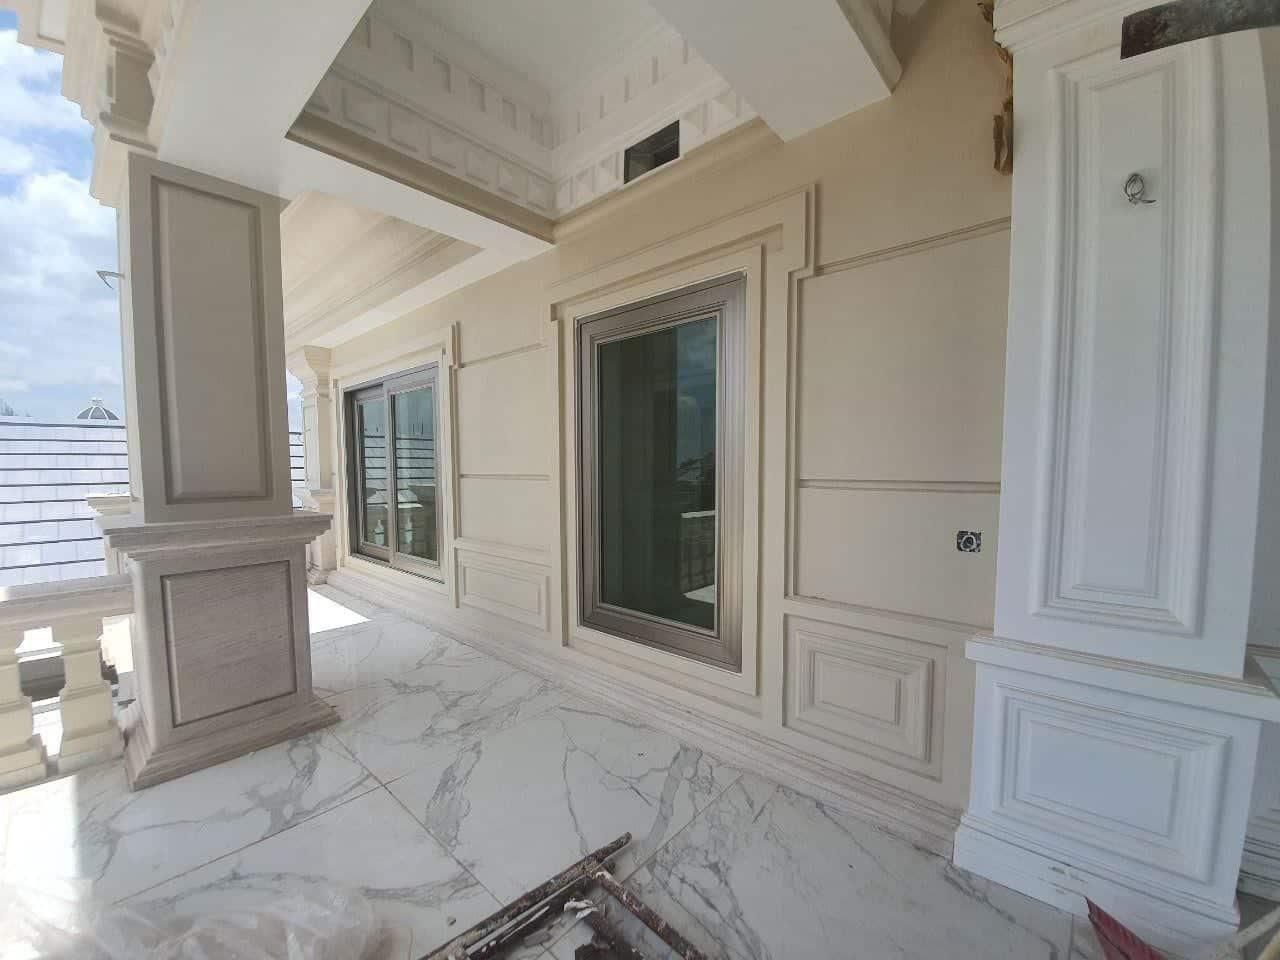 Cửa nhôm Long Vân được ứng dụng trong các công trình biệt thự